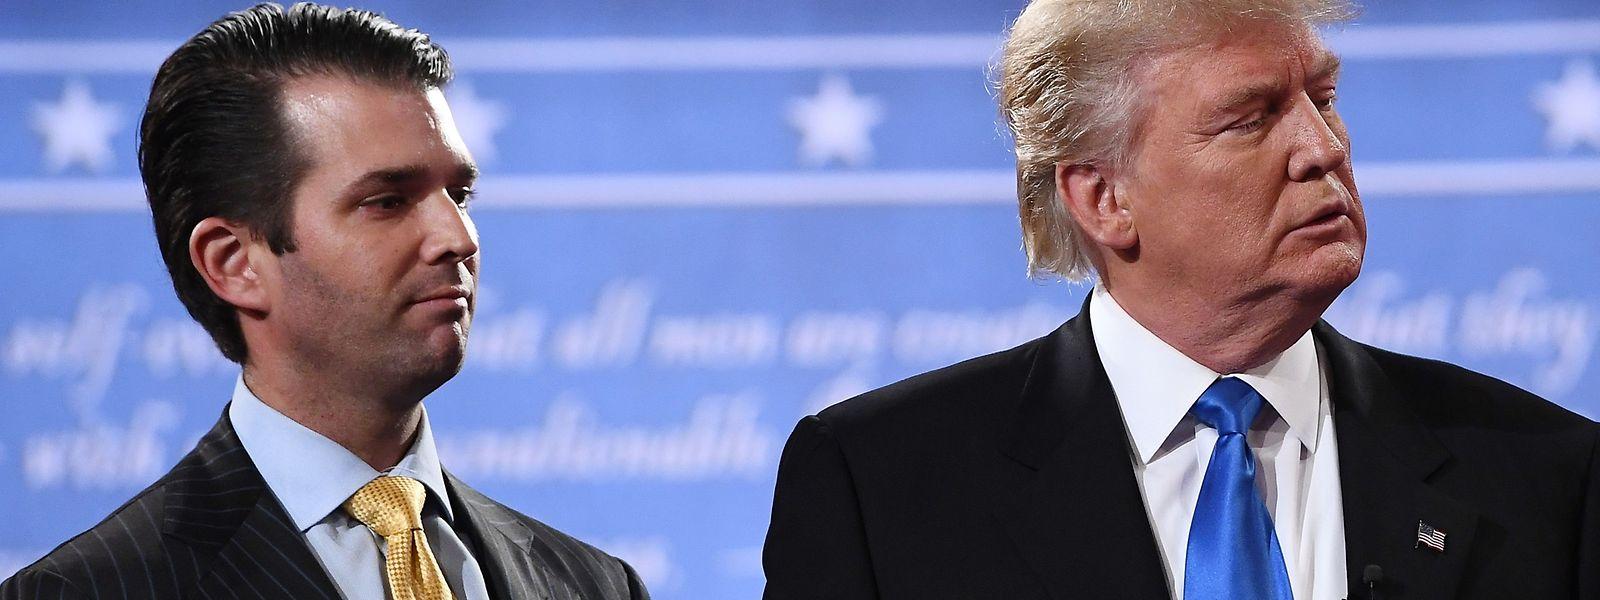 Vater und Sohn: Die US-Demokraten verlangen Informationen über ein Treffen von Donald Trump Junior mit einer russischen Anwältin während des Wahlkampfes im Juni 2016.